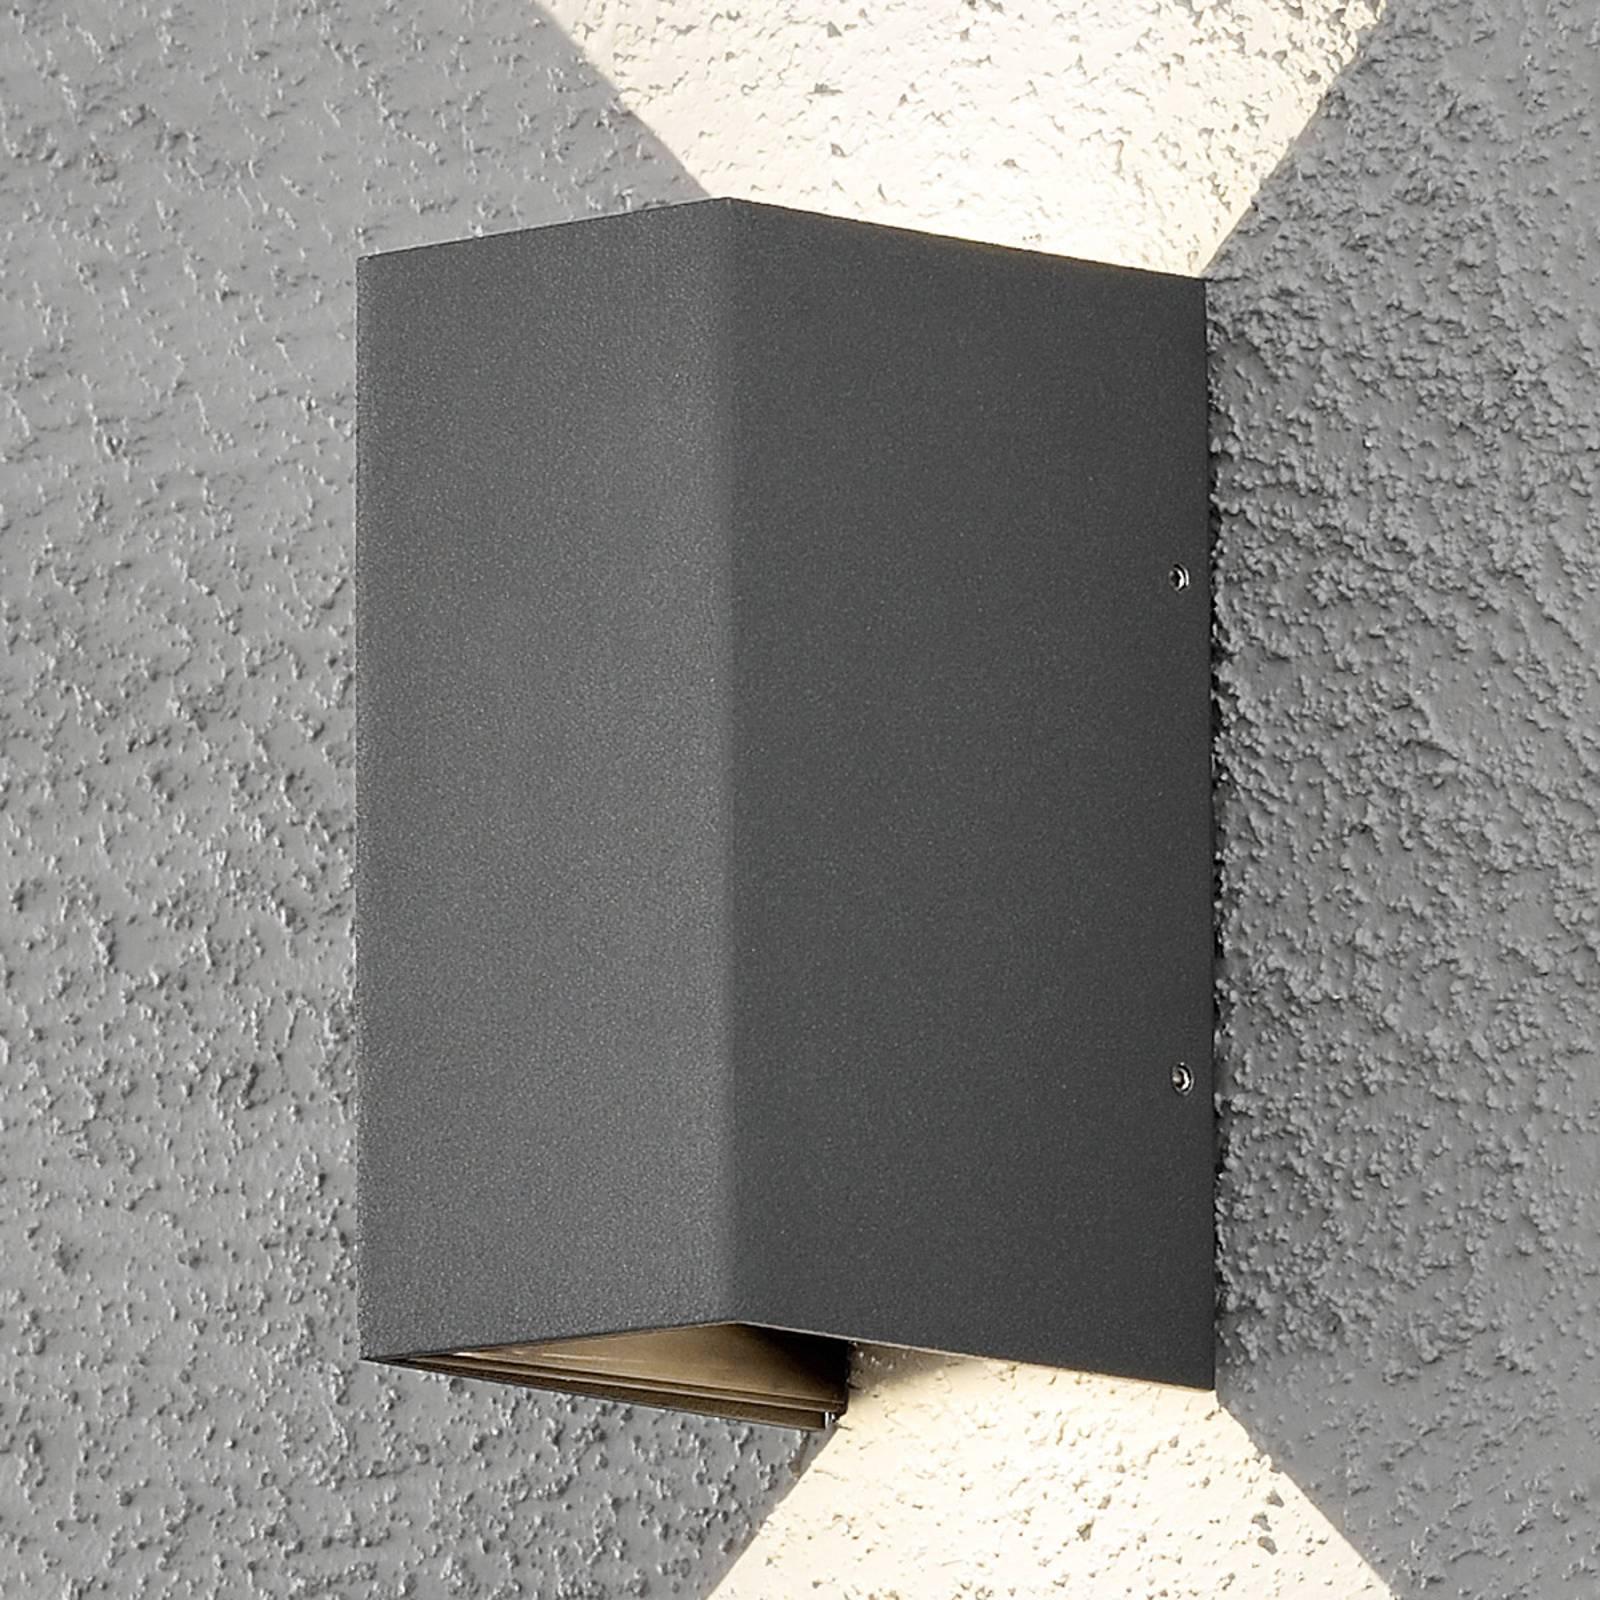 LED-ulkoseinävalaisin Cremona 8 cm, antrasiitti